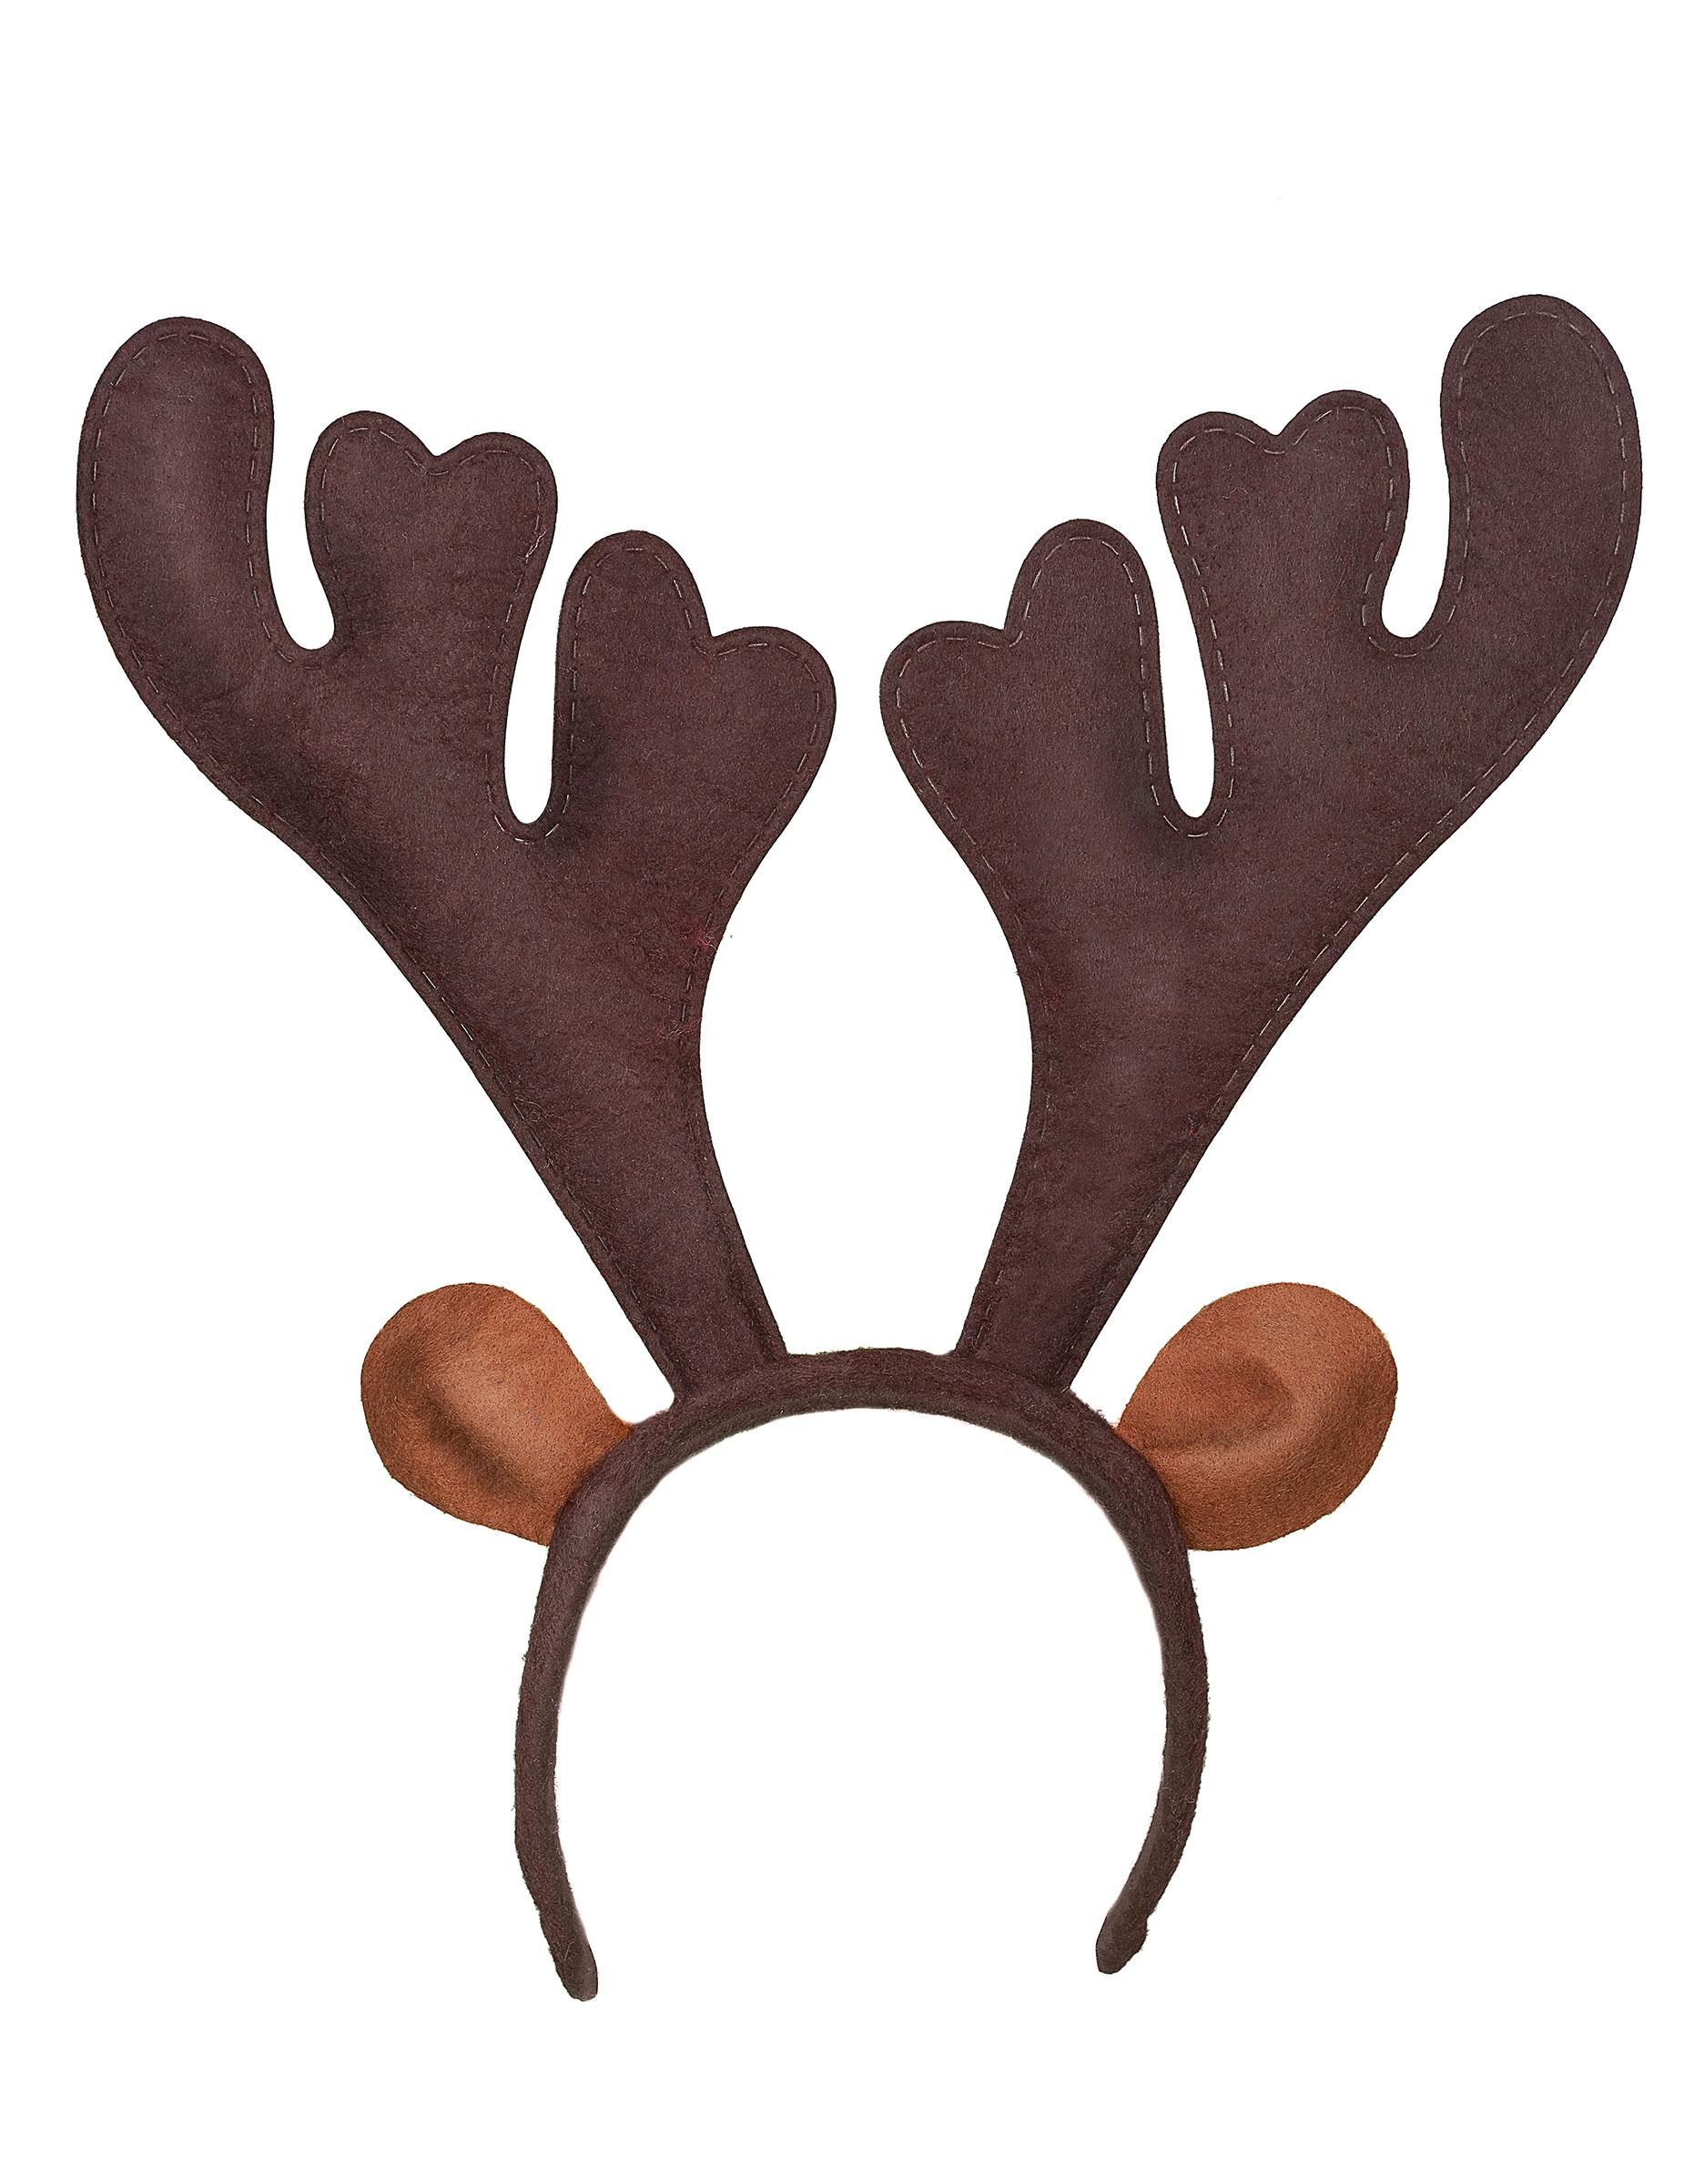 serre tete de noel Serre tête renne Noël, décoration anniversaire et fêtes à thème  serre tete de noel